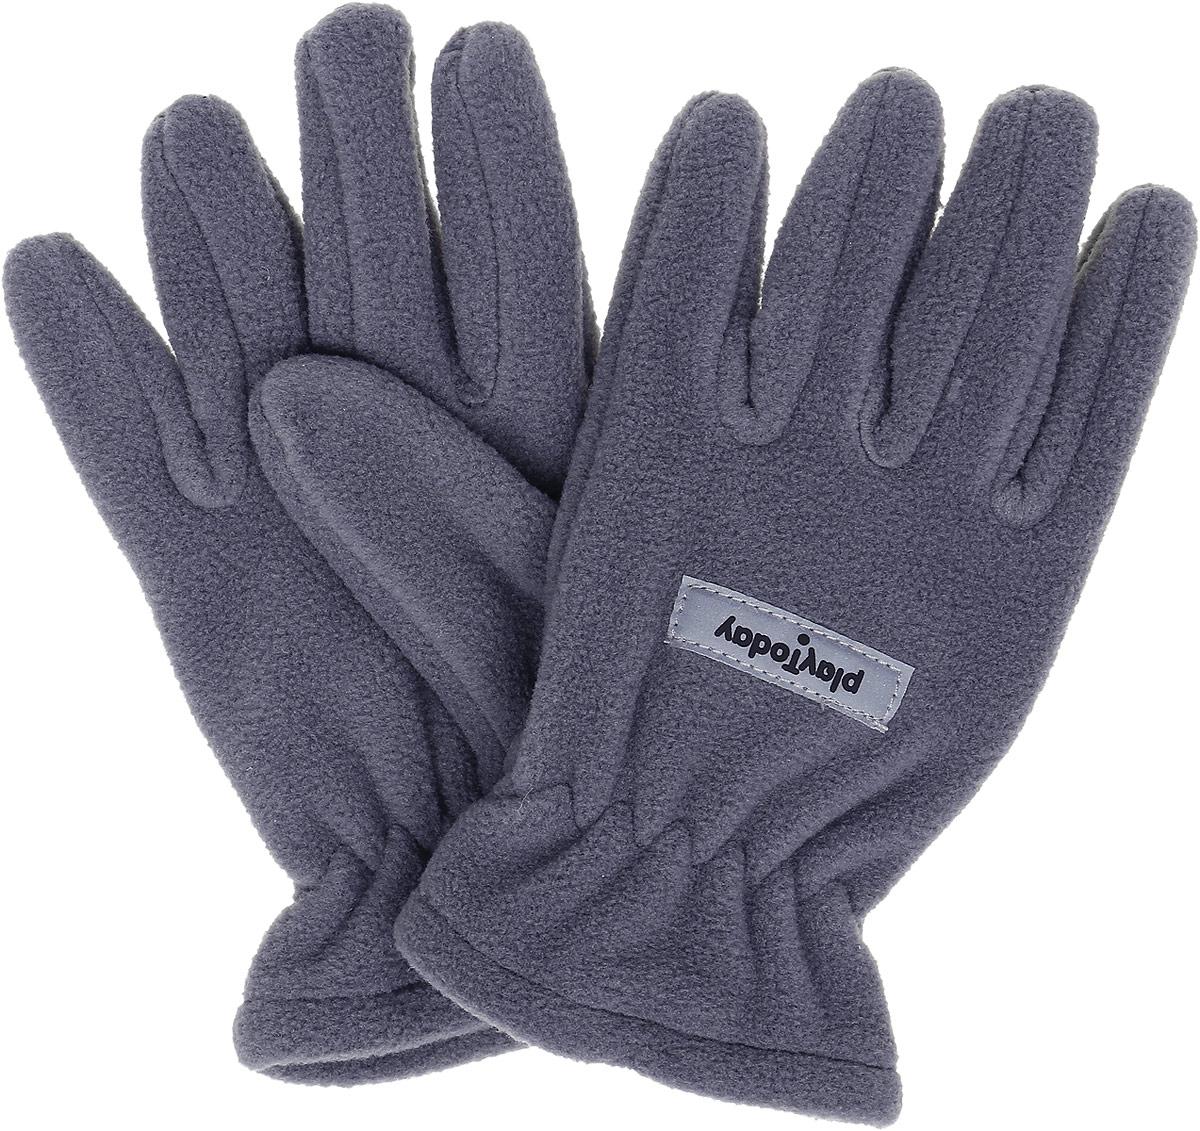 Перчатки для мальчика PlayToday, цвет: серый. 370012. Размер 14370012Перчатки из теплого флиса PlayToday - отличное решение для прогулок в холодную погоду. Запястья модели дополнены резинкой для комфортной посадки и дополнительного сохранения тепла. Перчатки дополнены специальными крючками, при необходимости их можно скрепить между собой или пристегнуть к куртке.